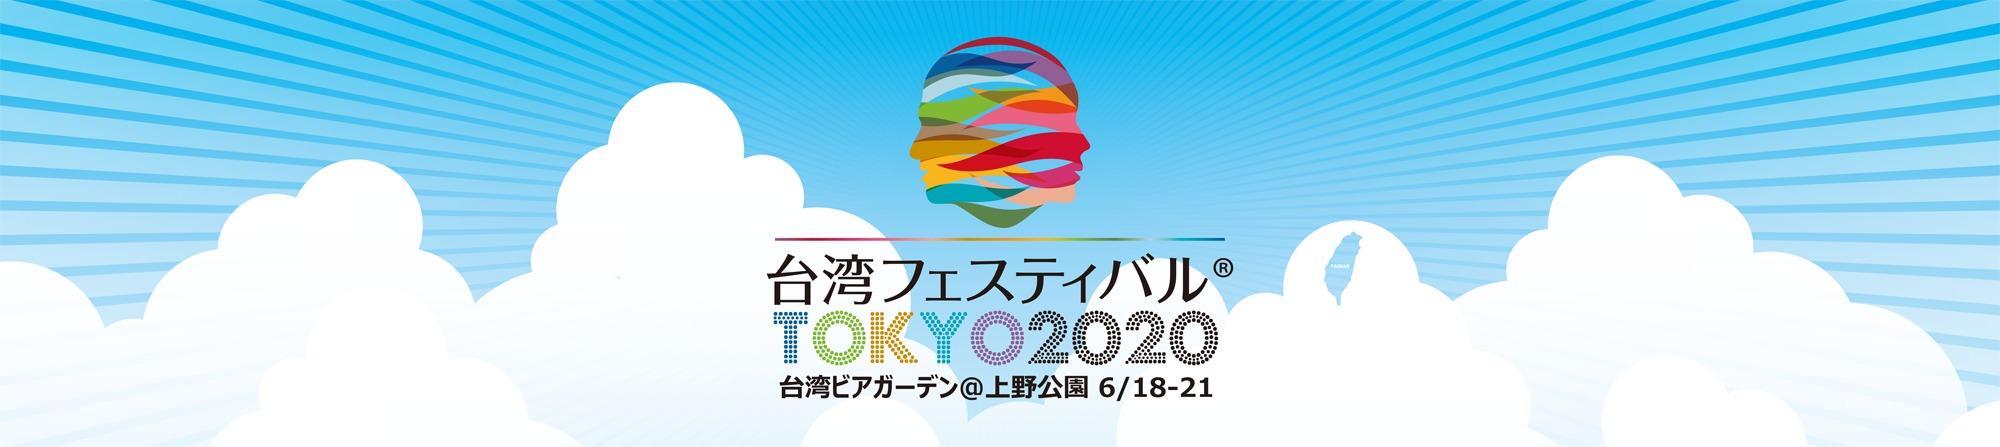 台湾フェスティバル™TOKYO2020のフライヤー